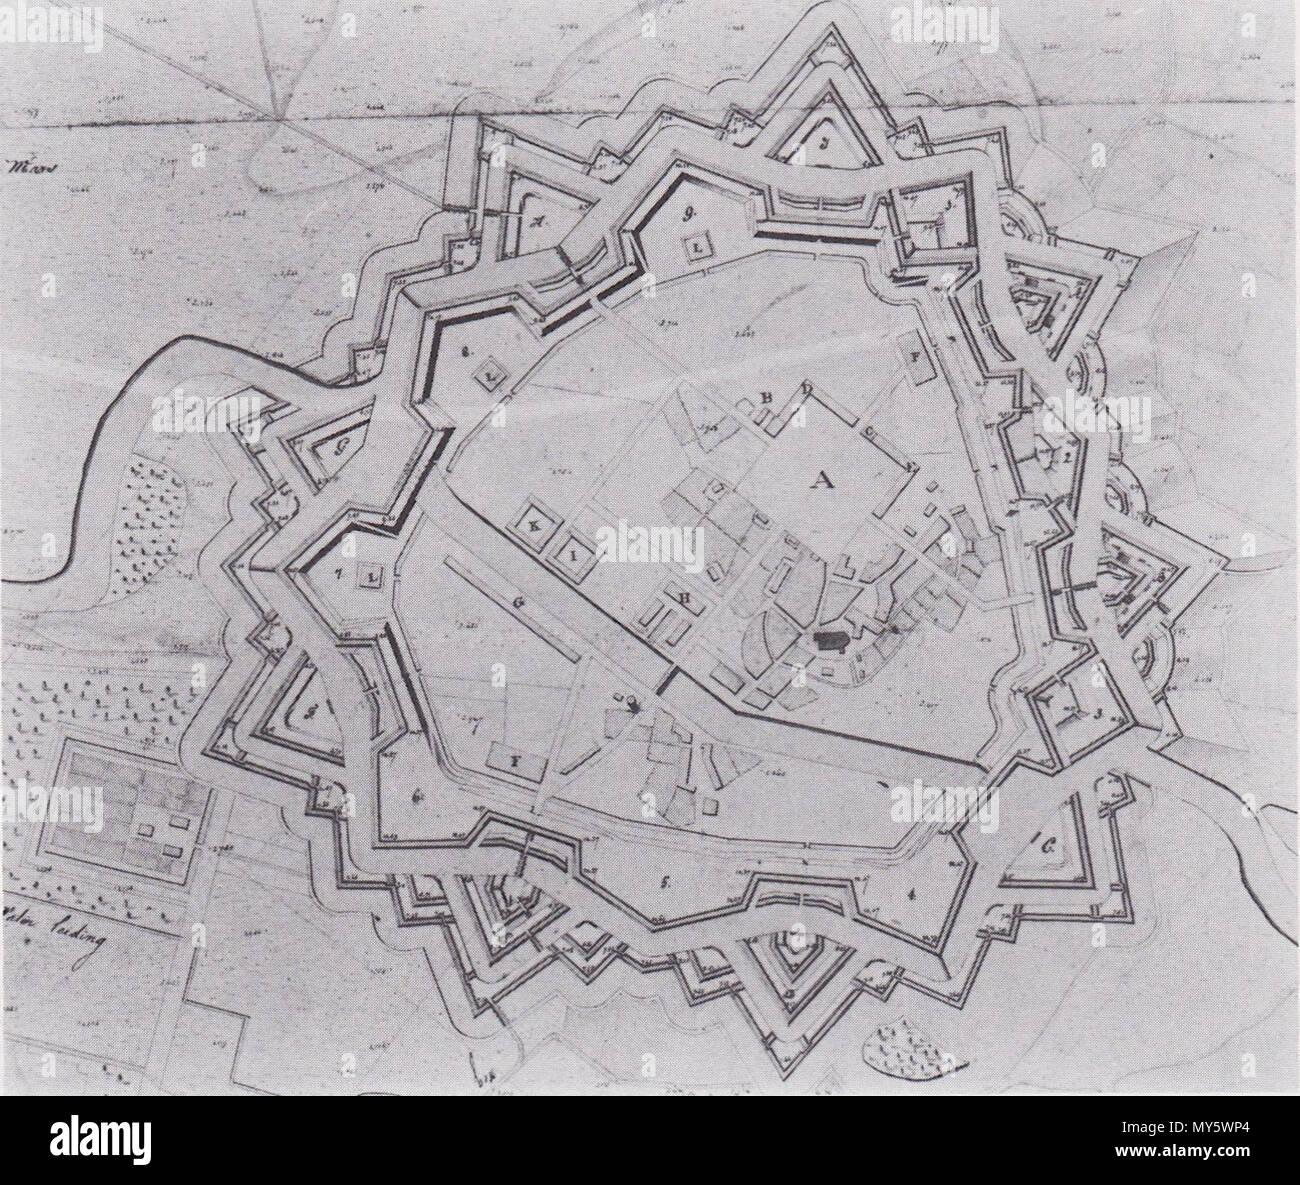 . English: fortification plan Ommen 1819 Nederlands: plan vesting Ommen 1819 . October 1819. Directie van fortificatiën 549 Vestingplan Ommen 1819 after - Stock Image